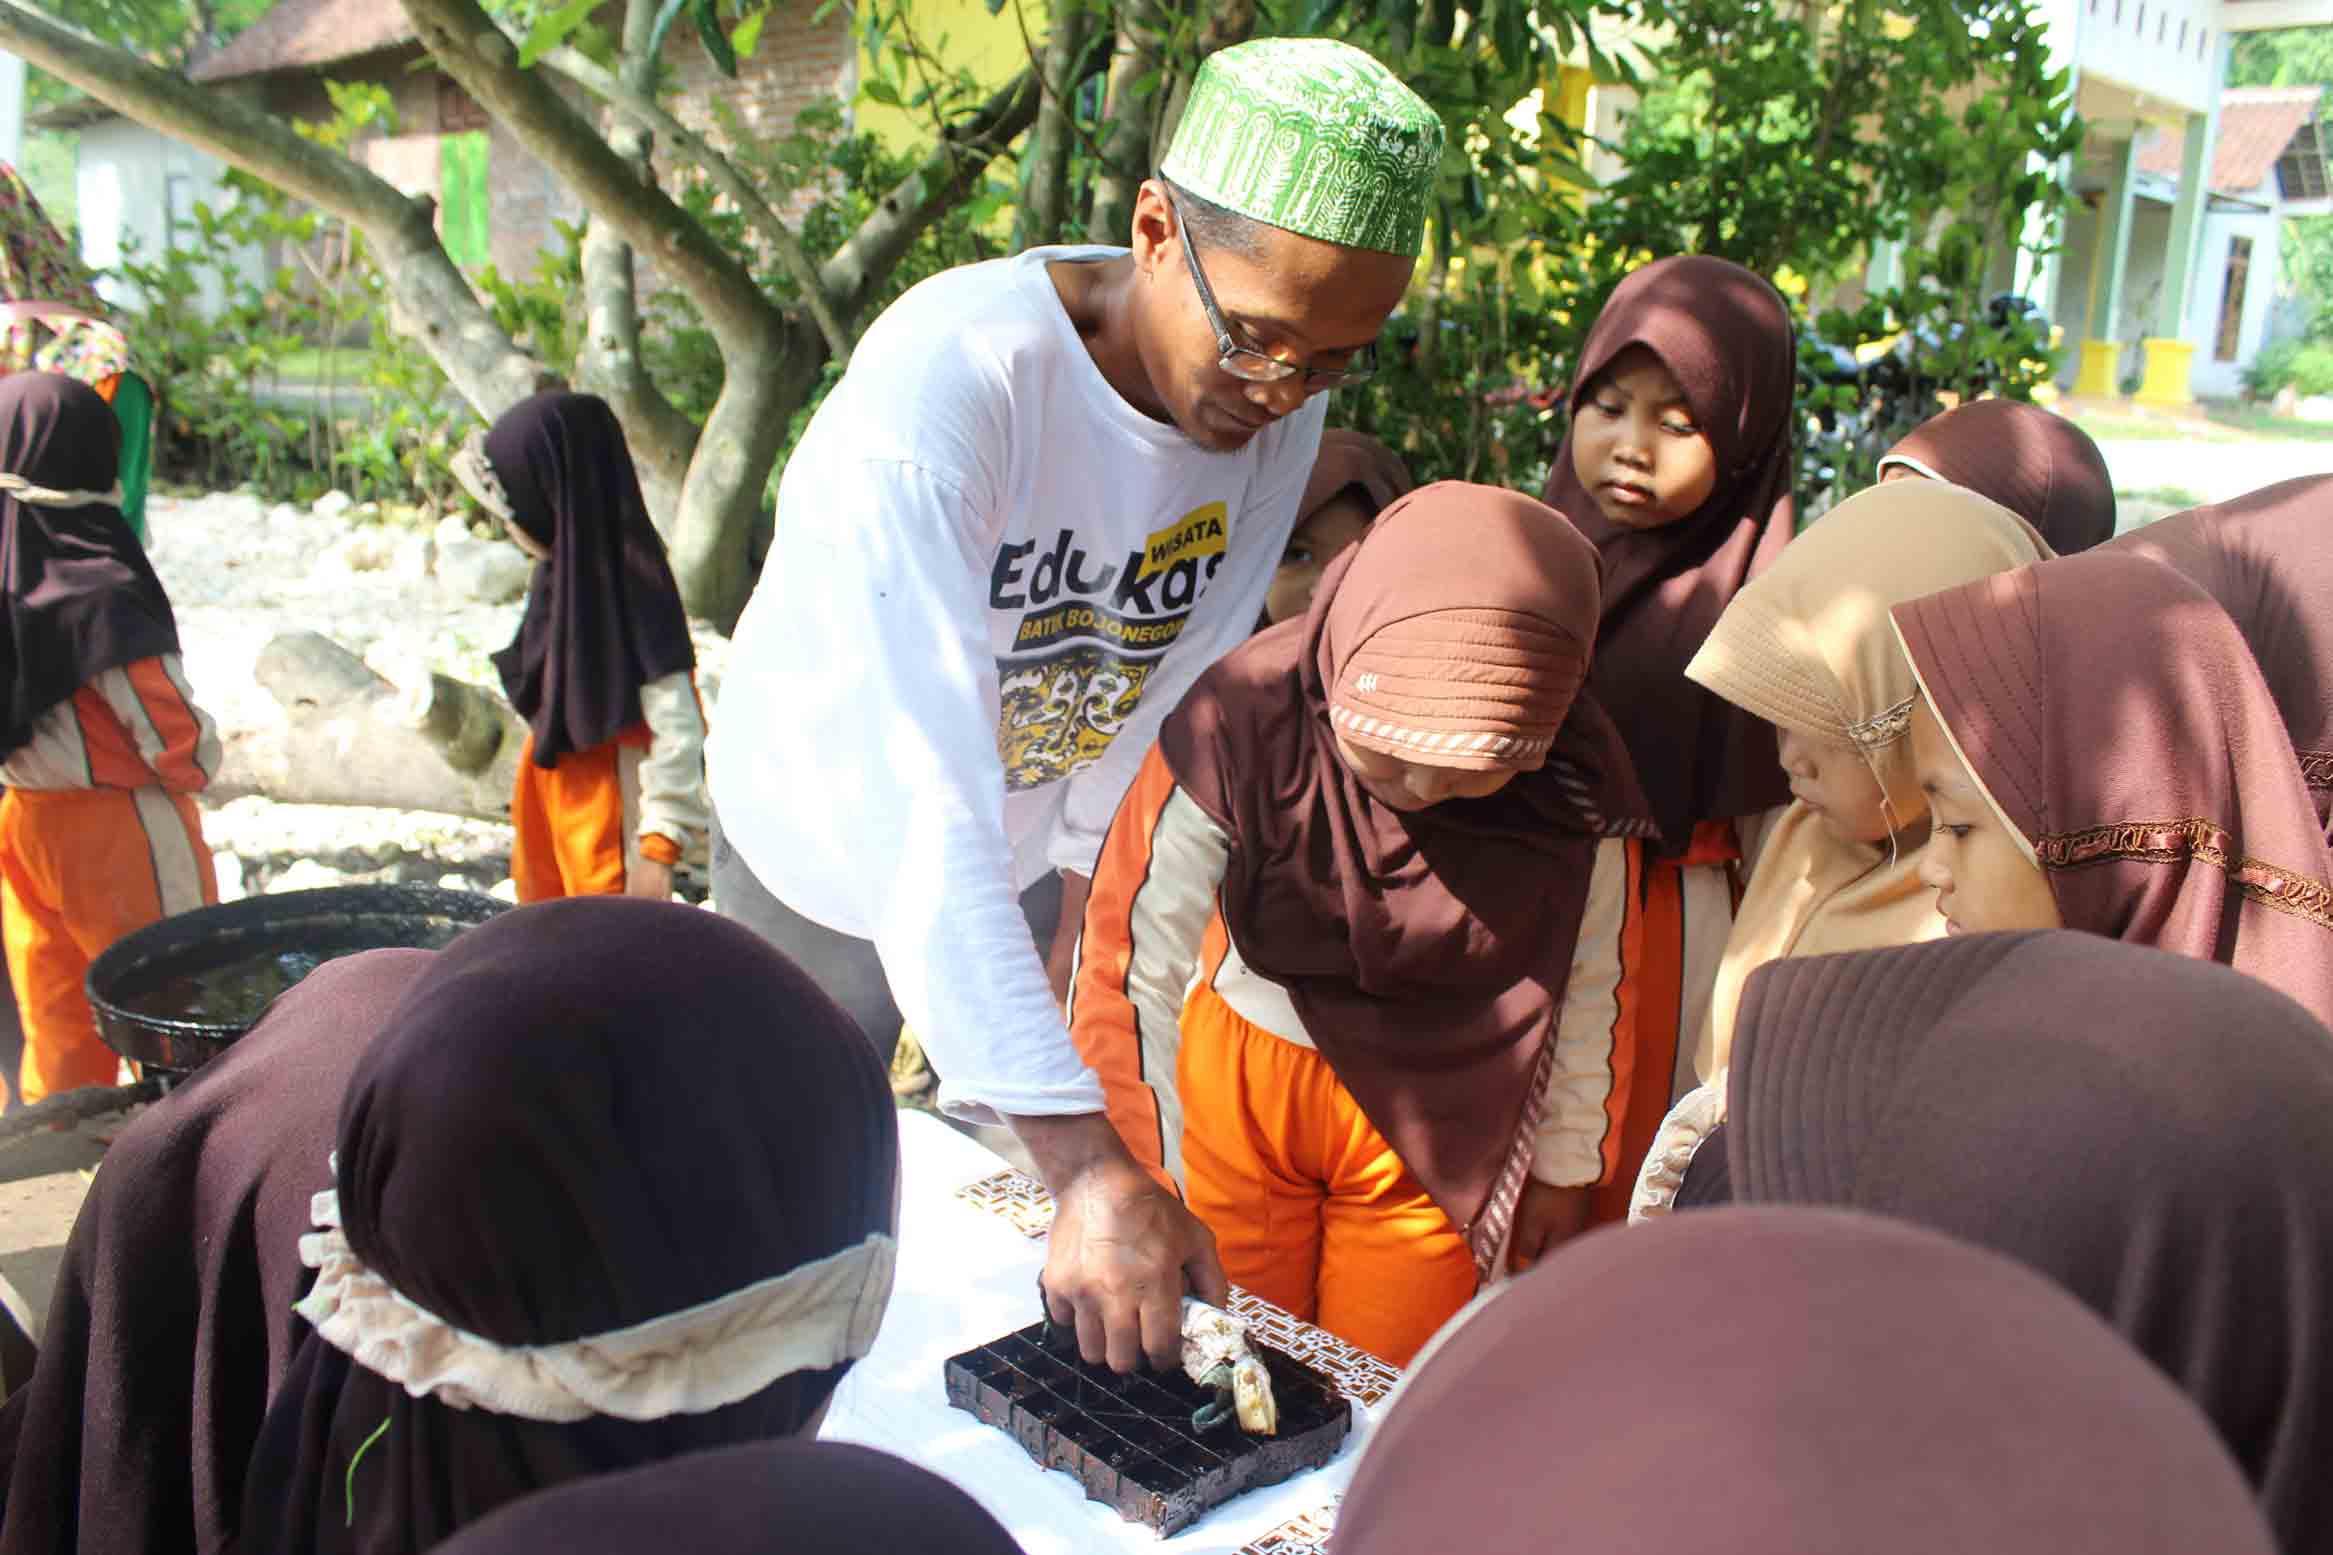 galeri-wisata-edukasi-batik-16